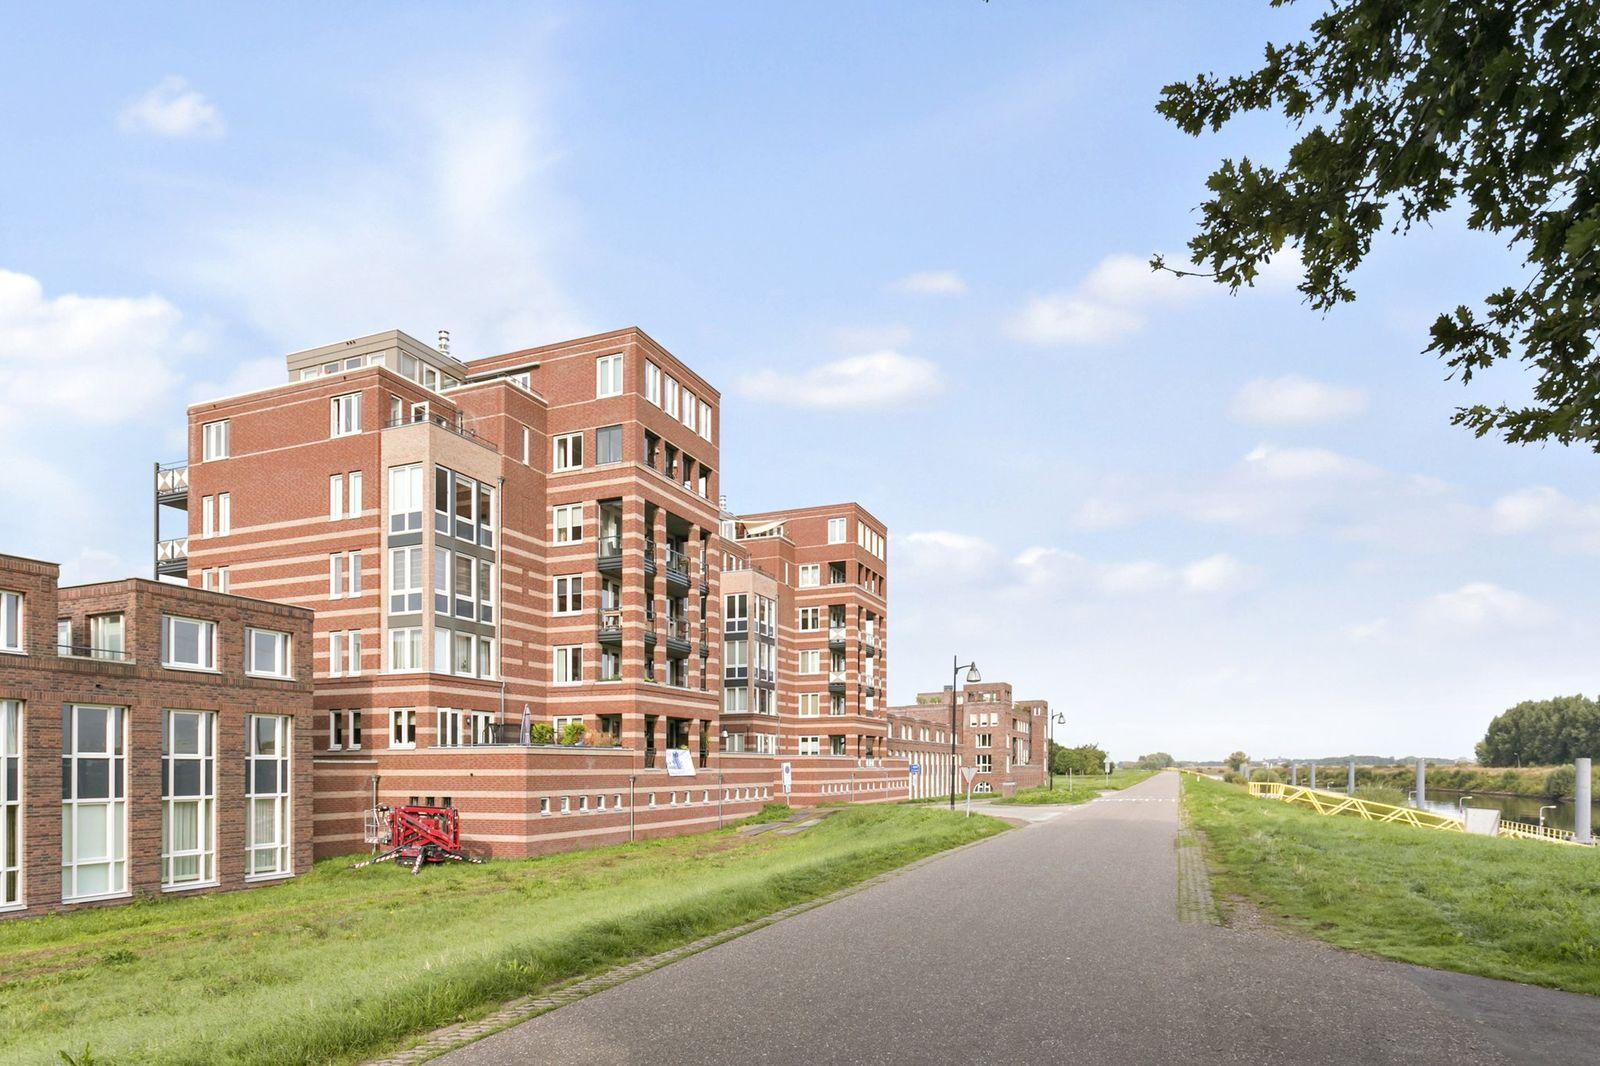 Parcivalring 235, 's-hertogenbosch